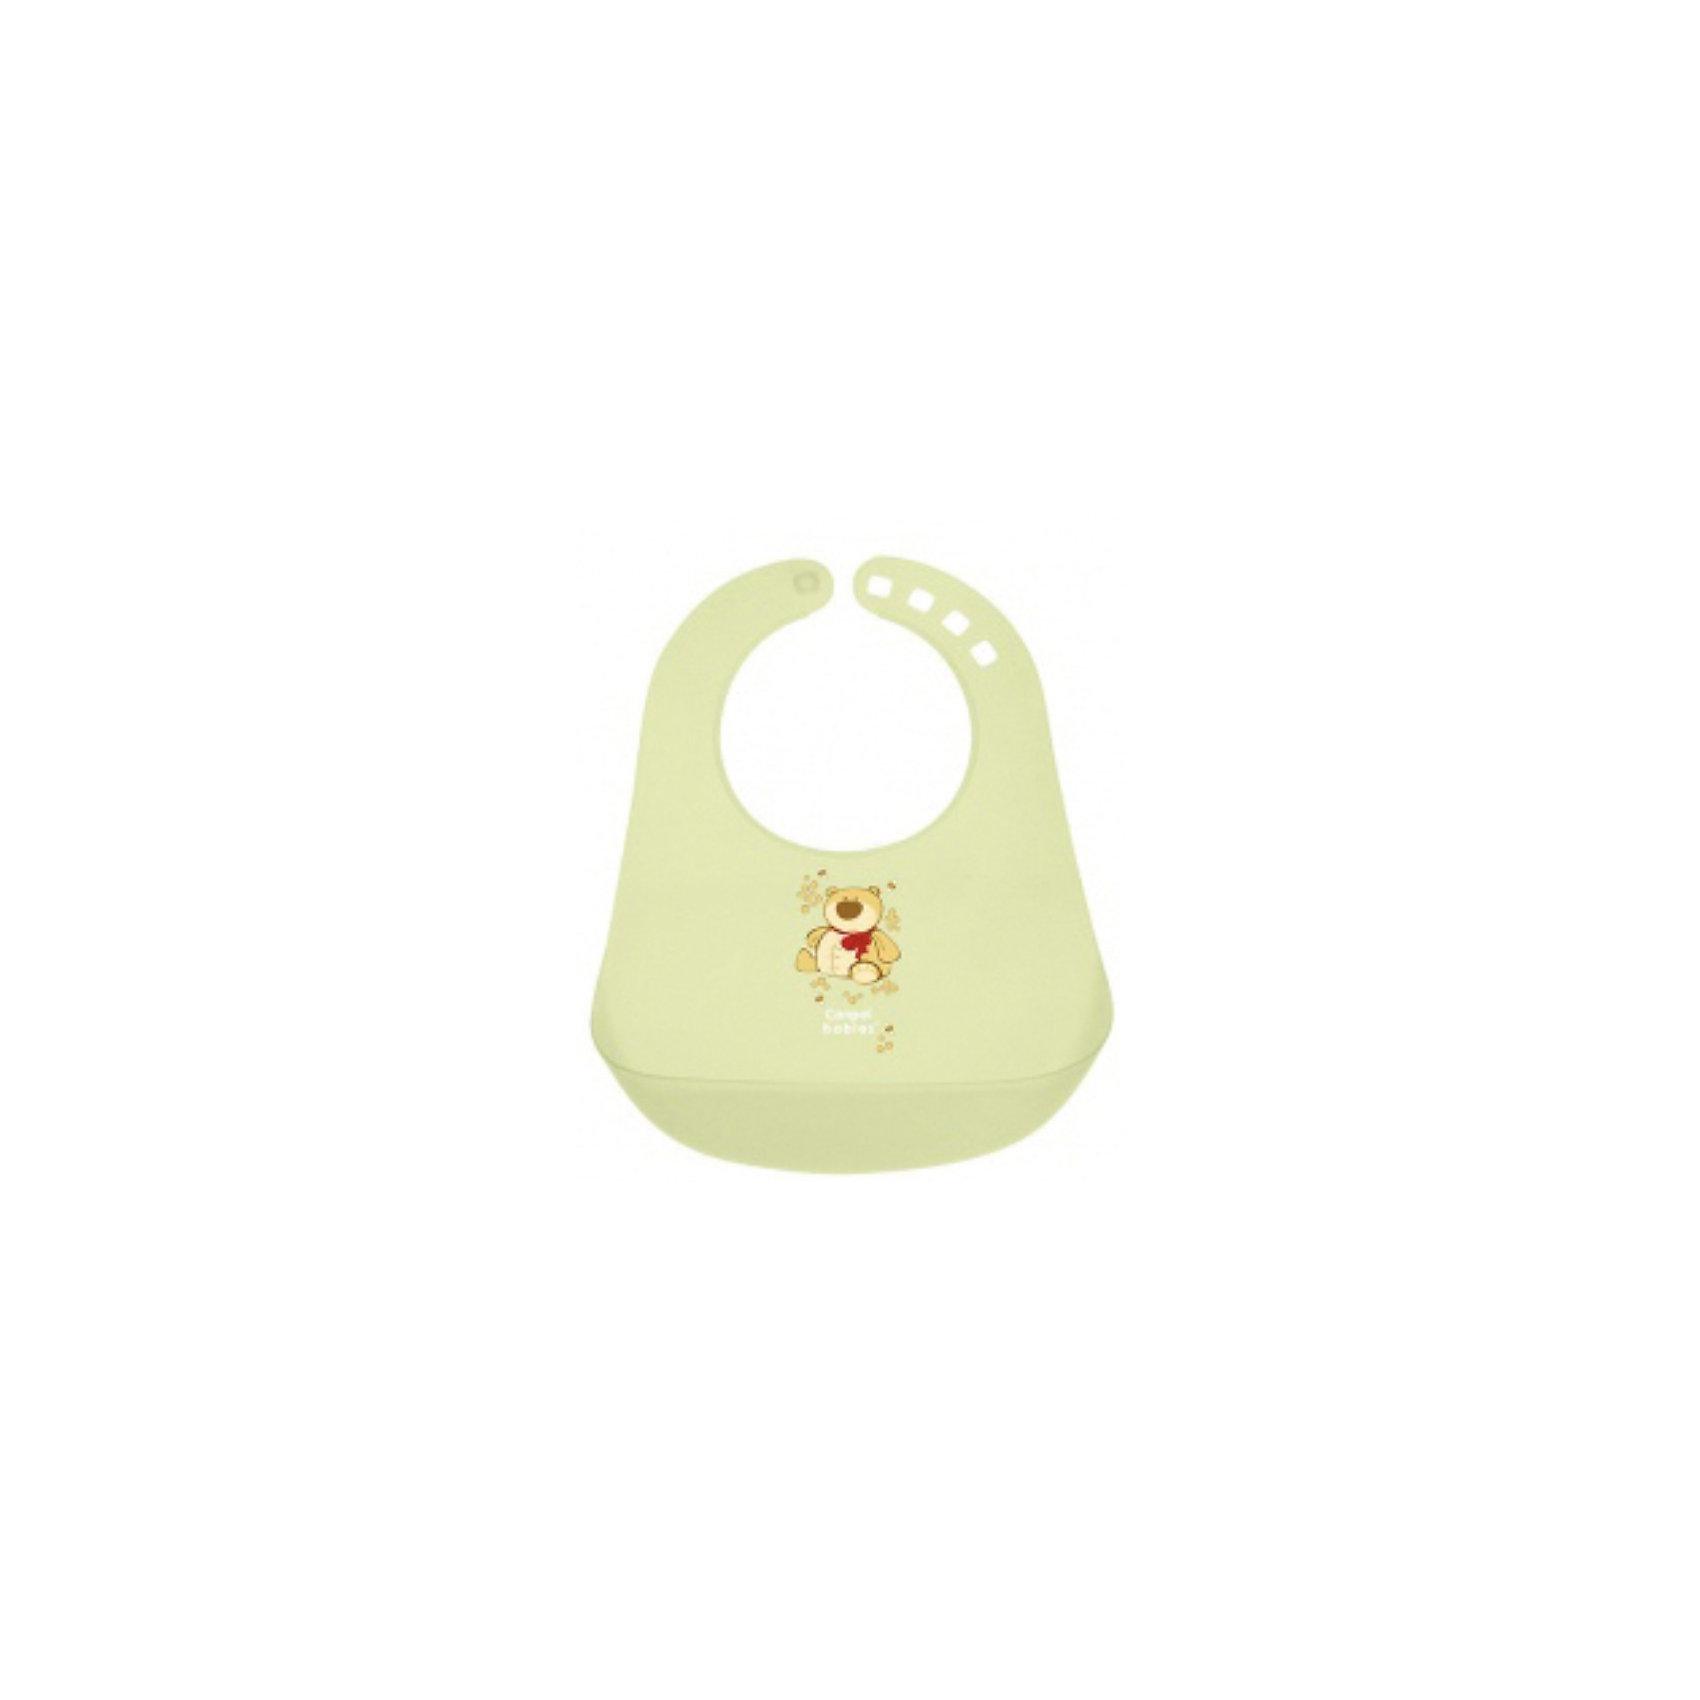 Пластиковый нагрудник, Canpol Babies, зеленыйНагрудники и салфетки<br>Пластиковый нагрудник Canpol Babies сделает прием пиши Вашего ребенка не только более чистым, но и станет хорошим другом Вашей крохи!<br>Пластиковый нагрудник с большим карманом для остатков пищи предназначен для детей старше 12 месяцев. Помогает защитить одежду ребенка от загрязнения. Его легко содержать в чистоте. После каждого использования мойте нагрудник в теплой мыльной воде.<br>Мягкая горловина нагрудника не поцарапает нежную шею Вашего ребенка, а замочек поможет легко и быстро закрепить нагрудник в нужном положении.<br>Благодаря пластиковому нагруднику Canpol Babies одежда малыша останется чистой после еды!<br>Пластиковый нагрудник Canpol Babies можно купить в нашем интернет-магазине.<br><br>Ширина мм: 230<br>Глубина мм: 400<br>Высота мм: 55<br>Вес г: 88<br>Возраст от месяцев: 12<br>Возраст до месяцев: 36<br>Пол: Унисекс<br>Возраст: Детский<br>SKU: 3837144